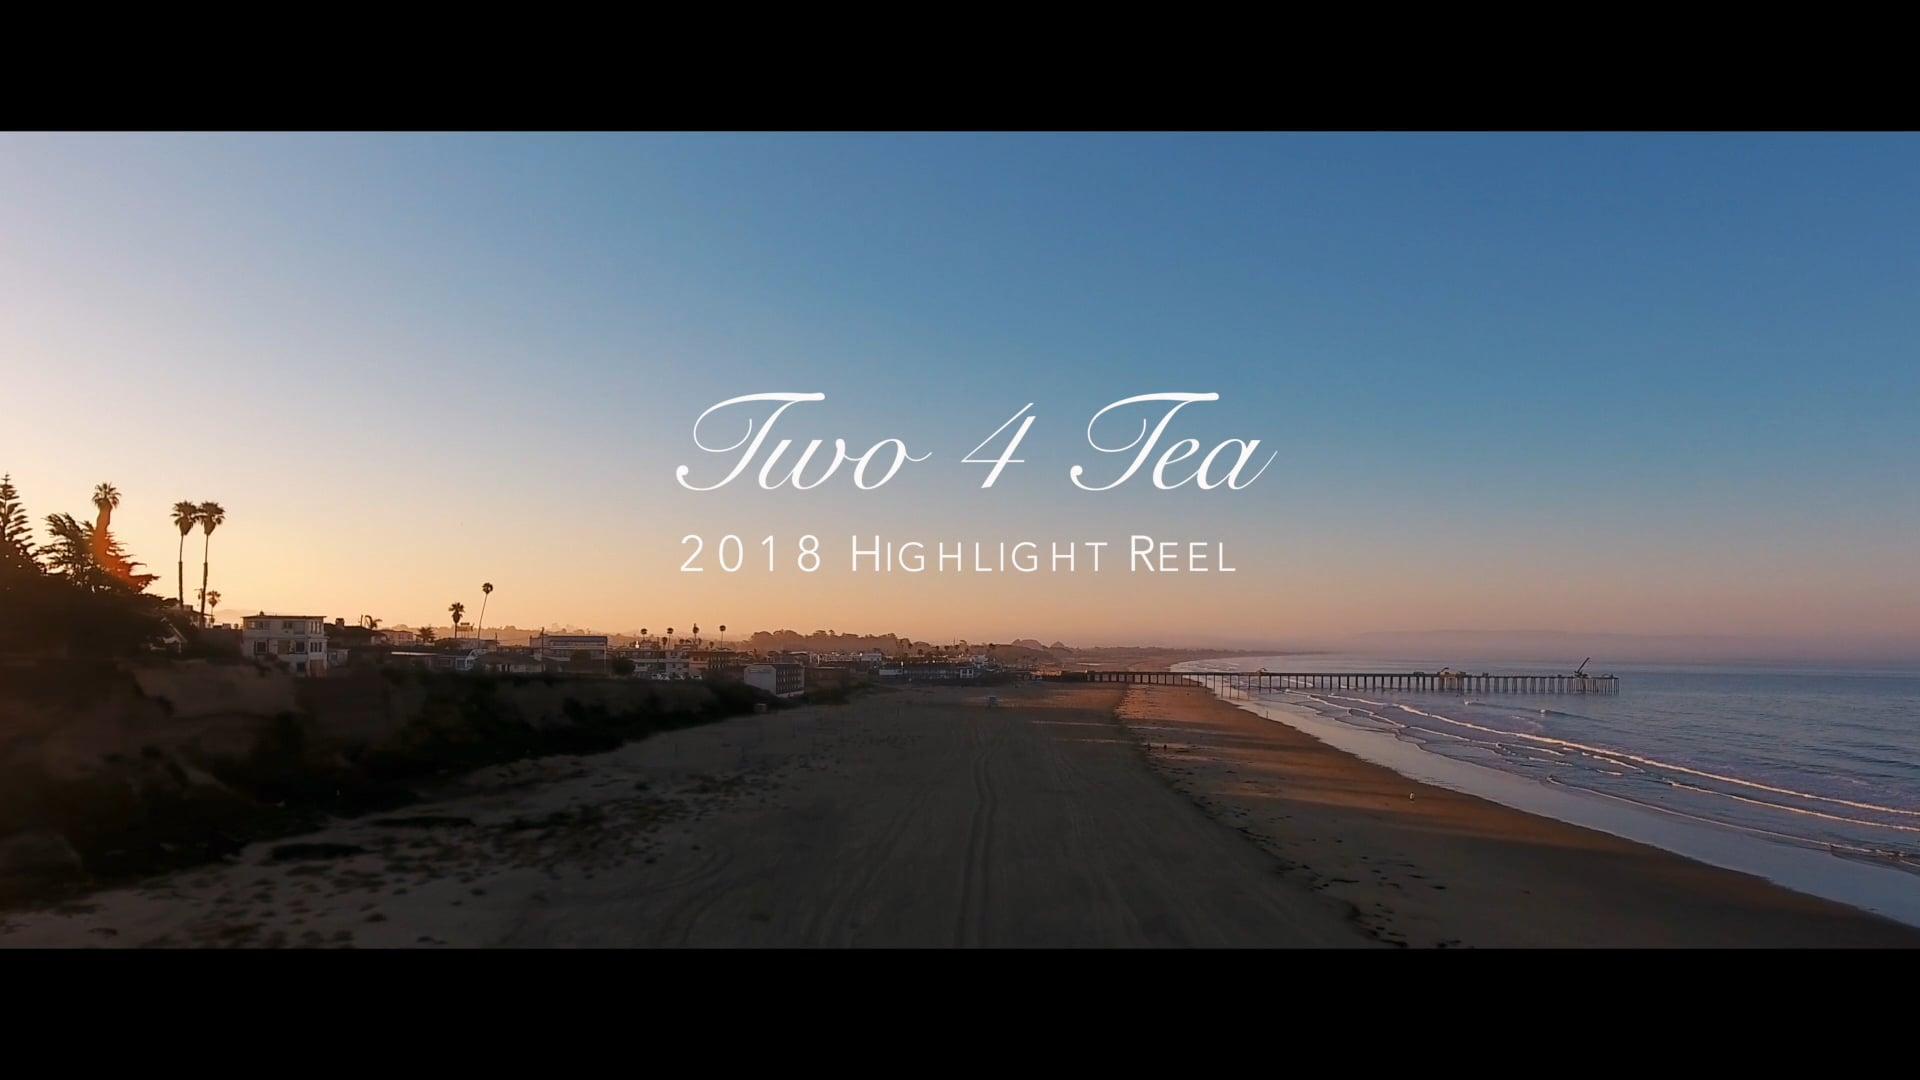 2018 Highlight Reel